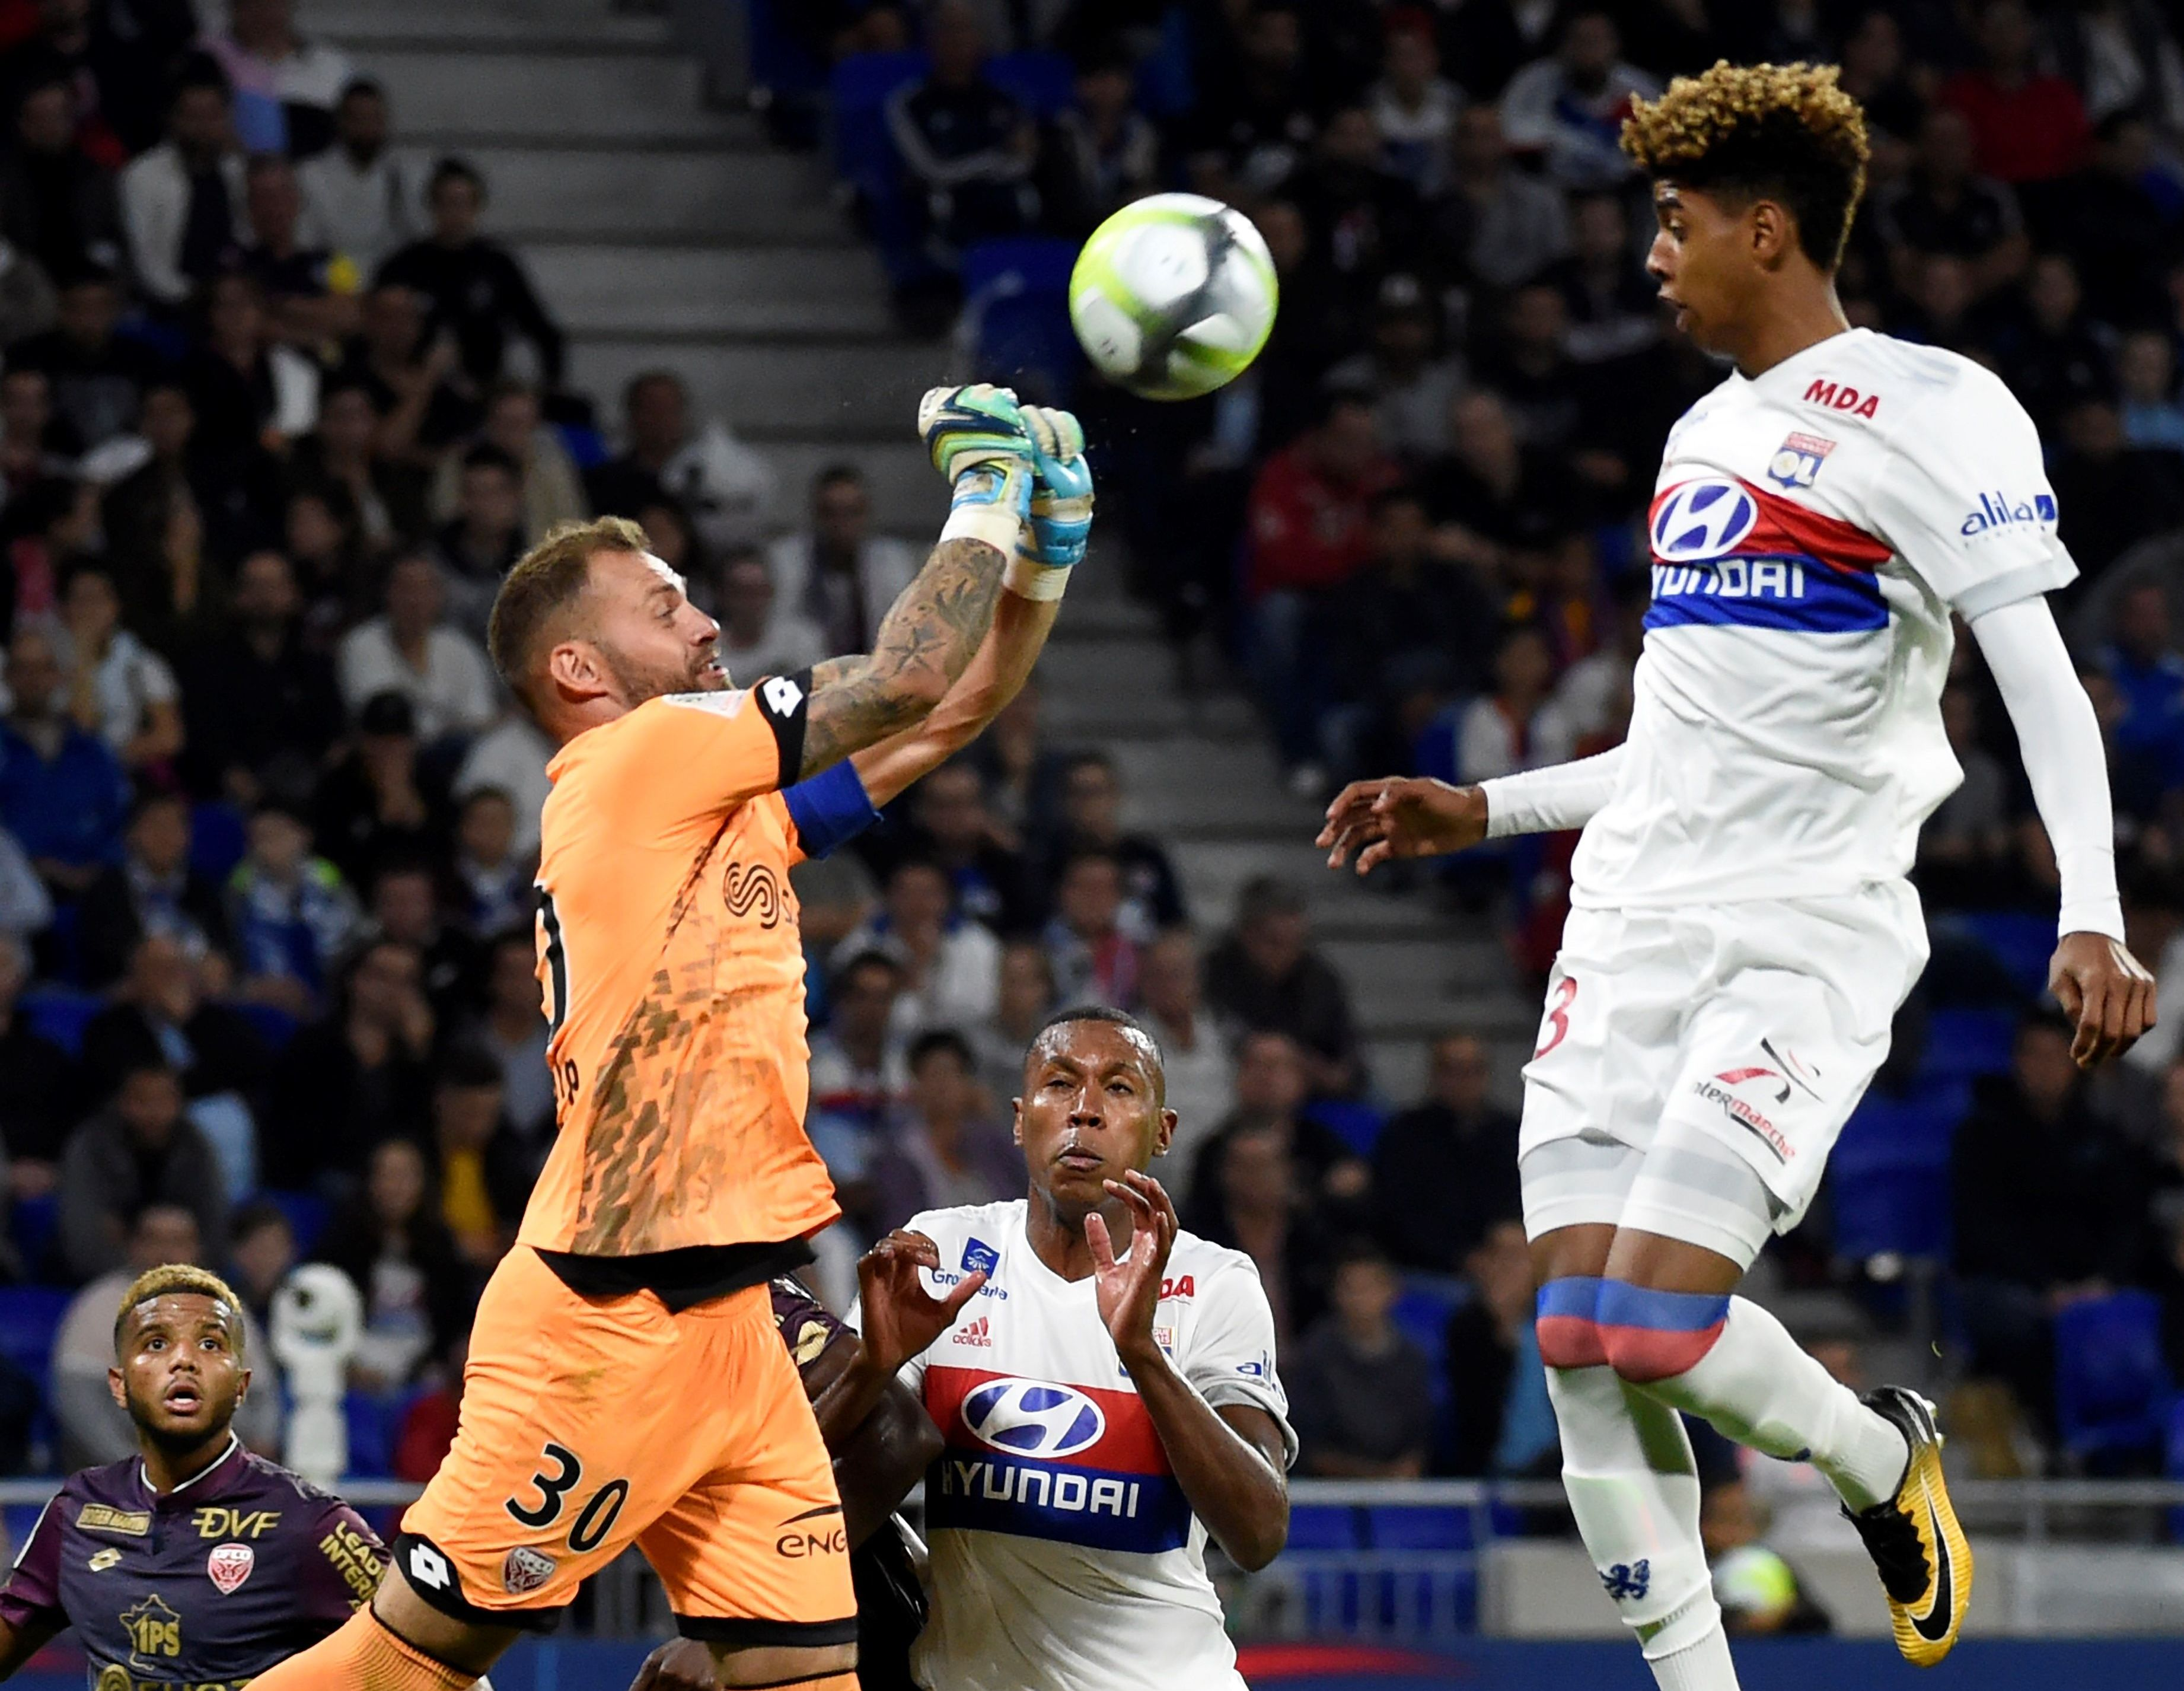 Football - Ligue 1 - Geubbels, premier joueur né au 21e siècle à évoluer en Ligue 1